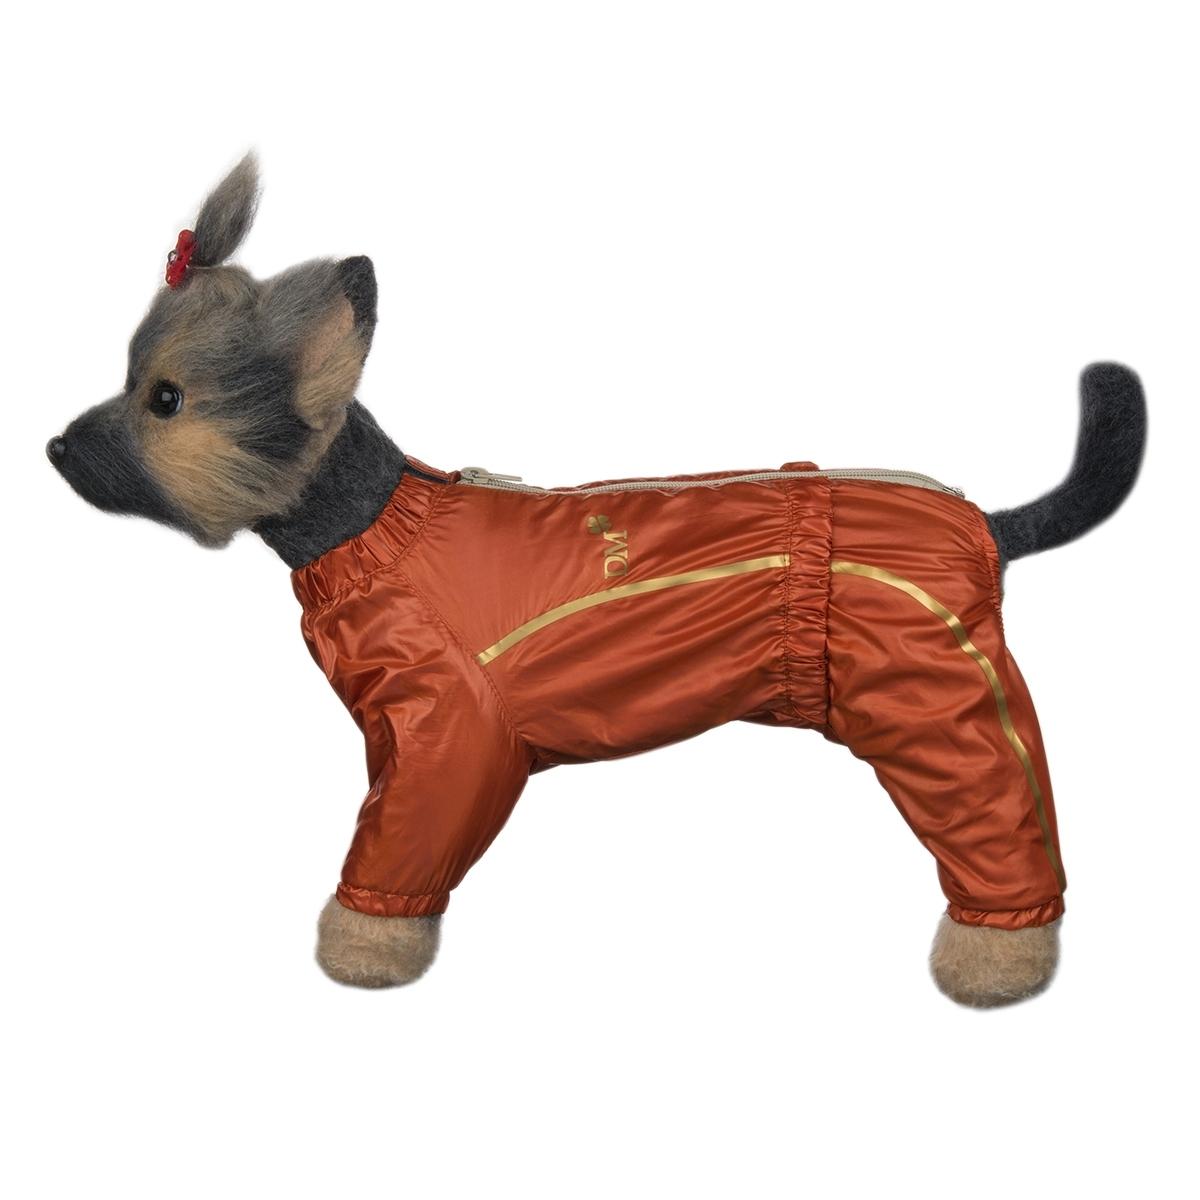 Комбинезон для собак Dogmoda Альпы, для девочки, цвет: оранжевый. Размер 4 (XL) комбинезон для собак dogmoda doggs зимний для девочки цвет фиолетовый размер xxl